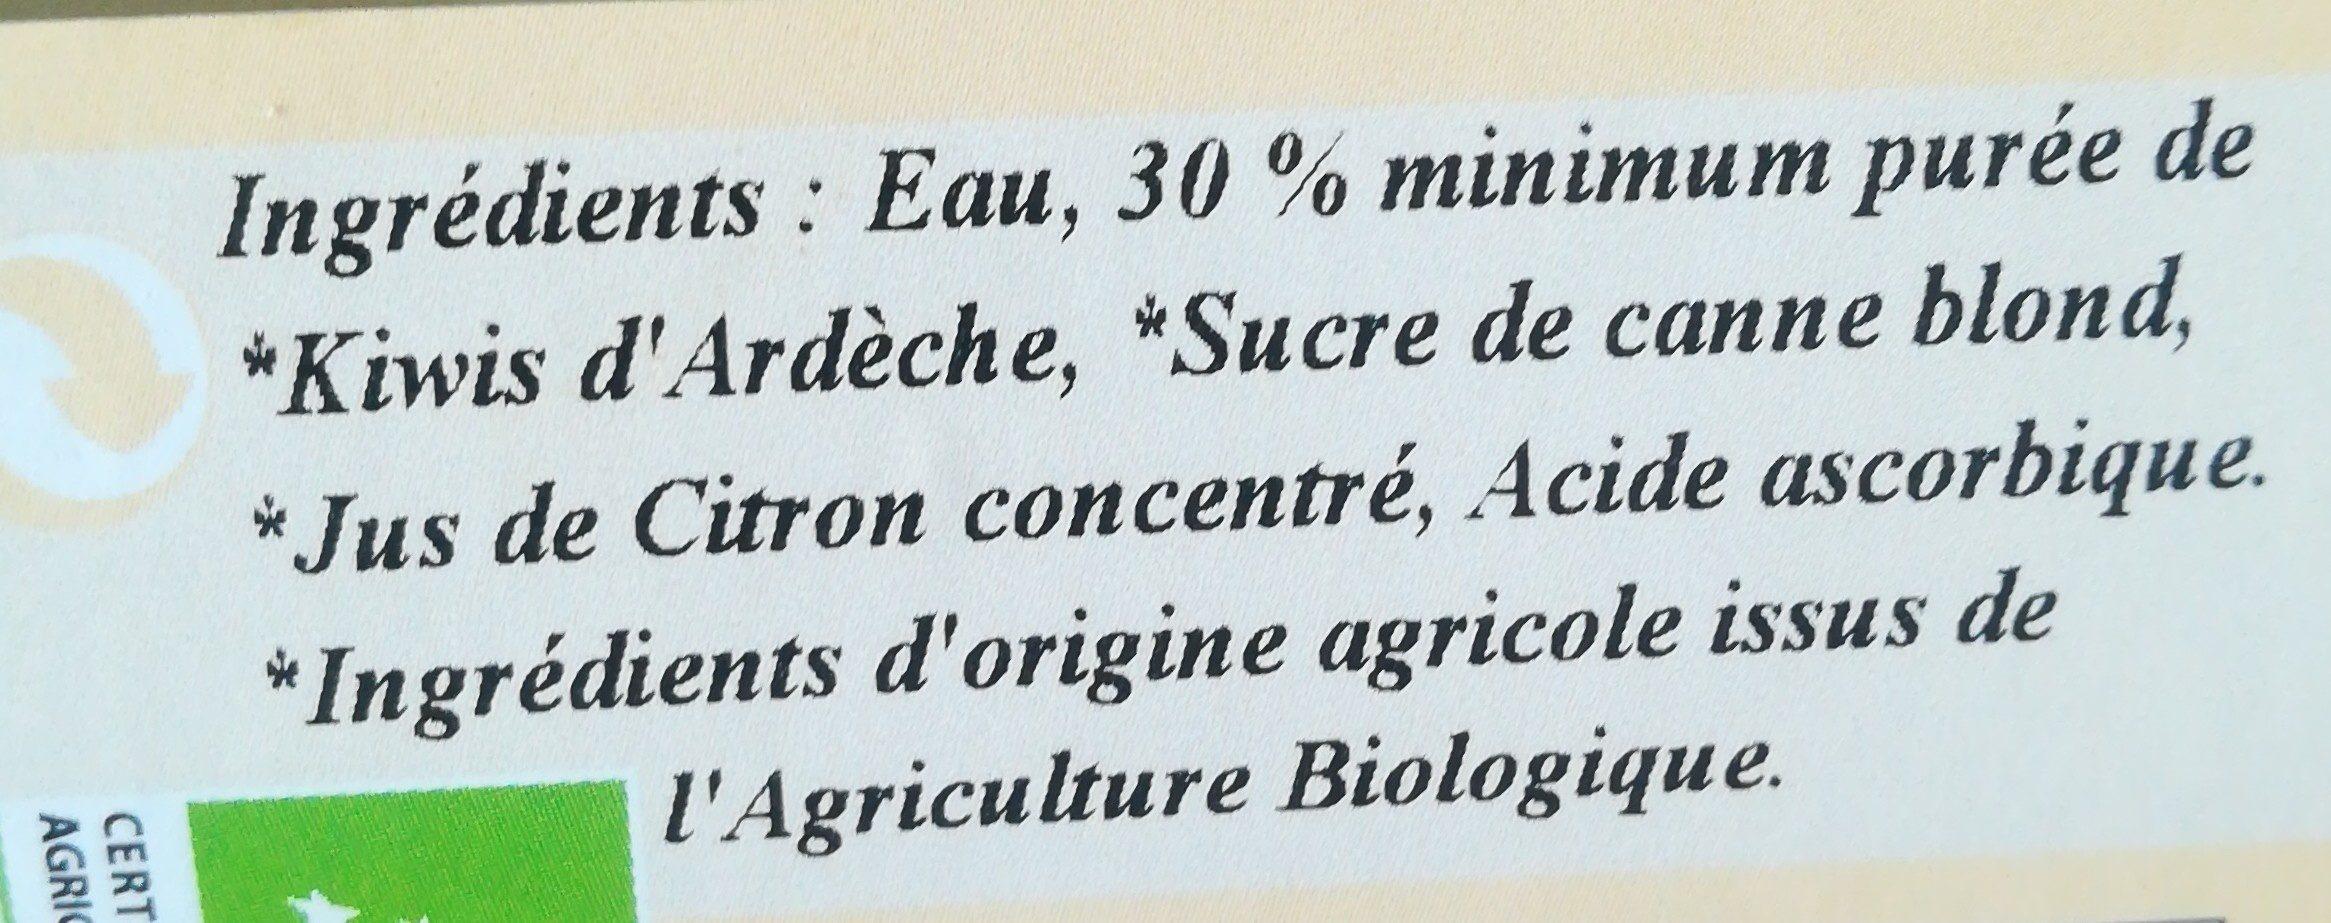 Nectar de kiwi d'Ardèche - Ingrédients